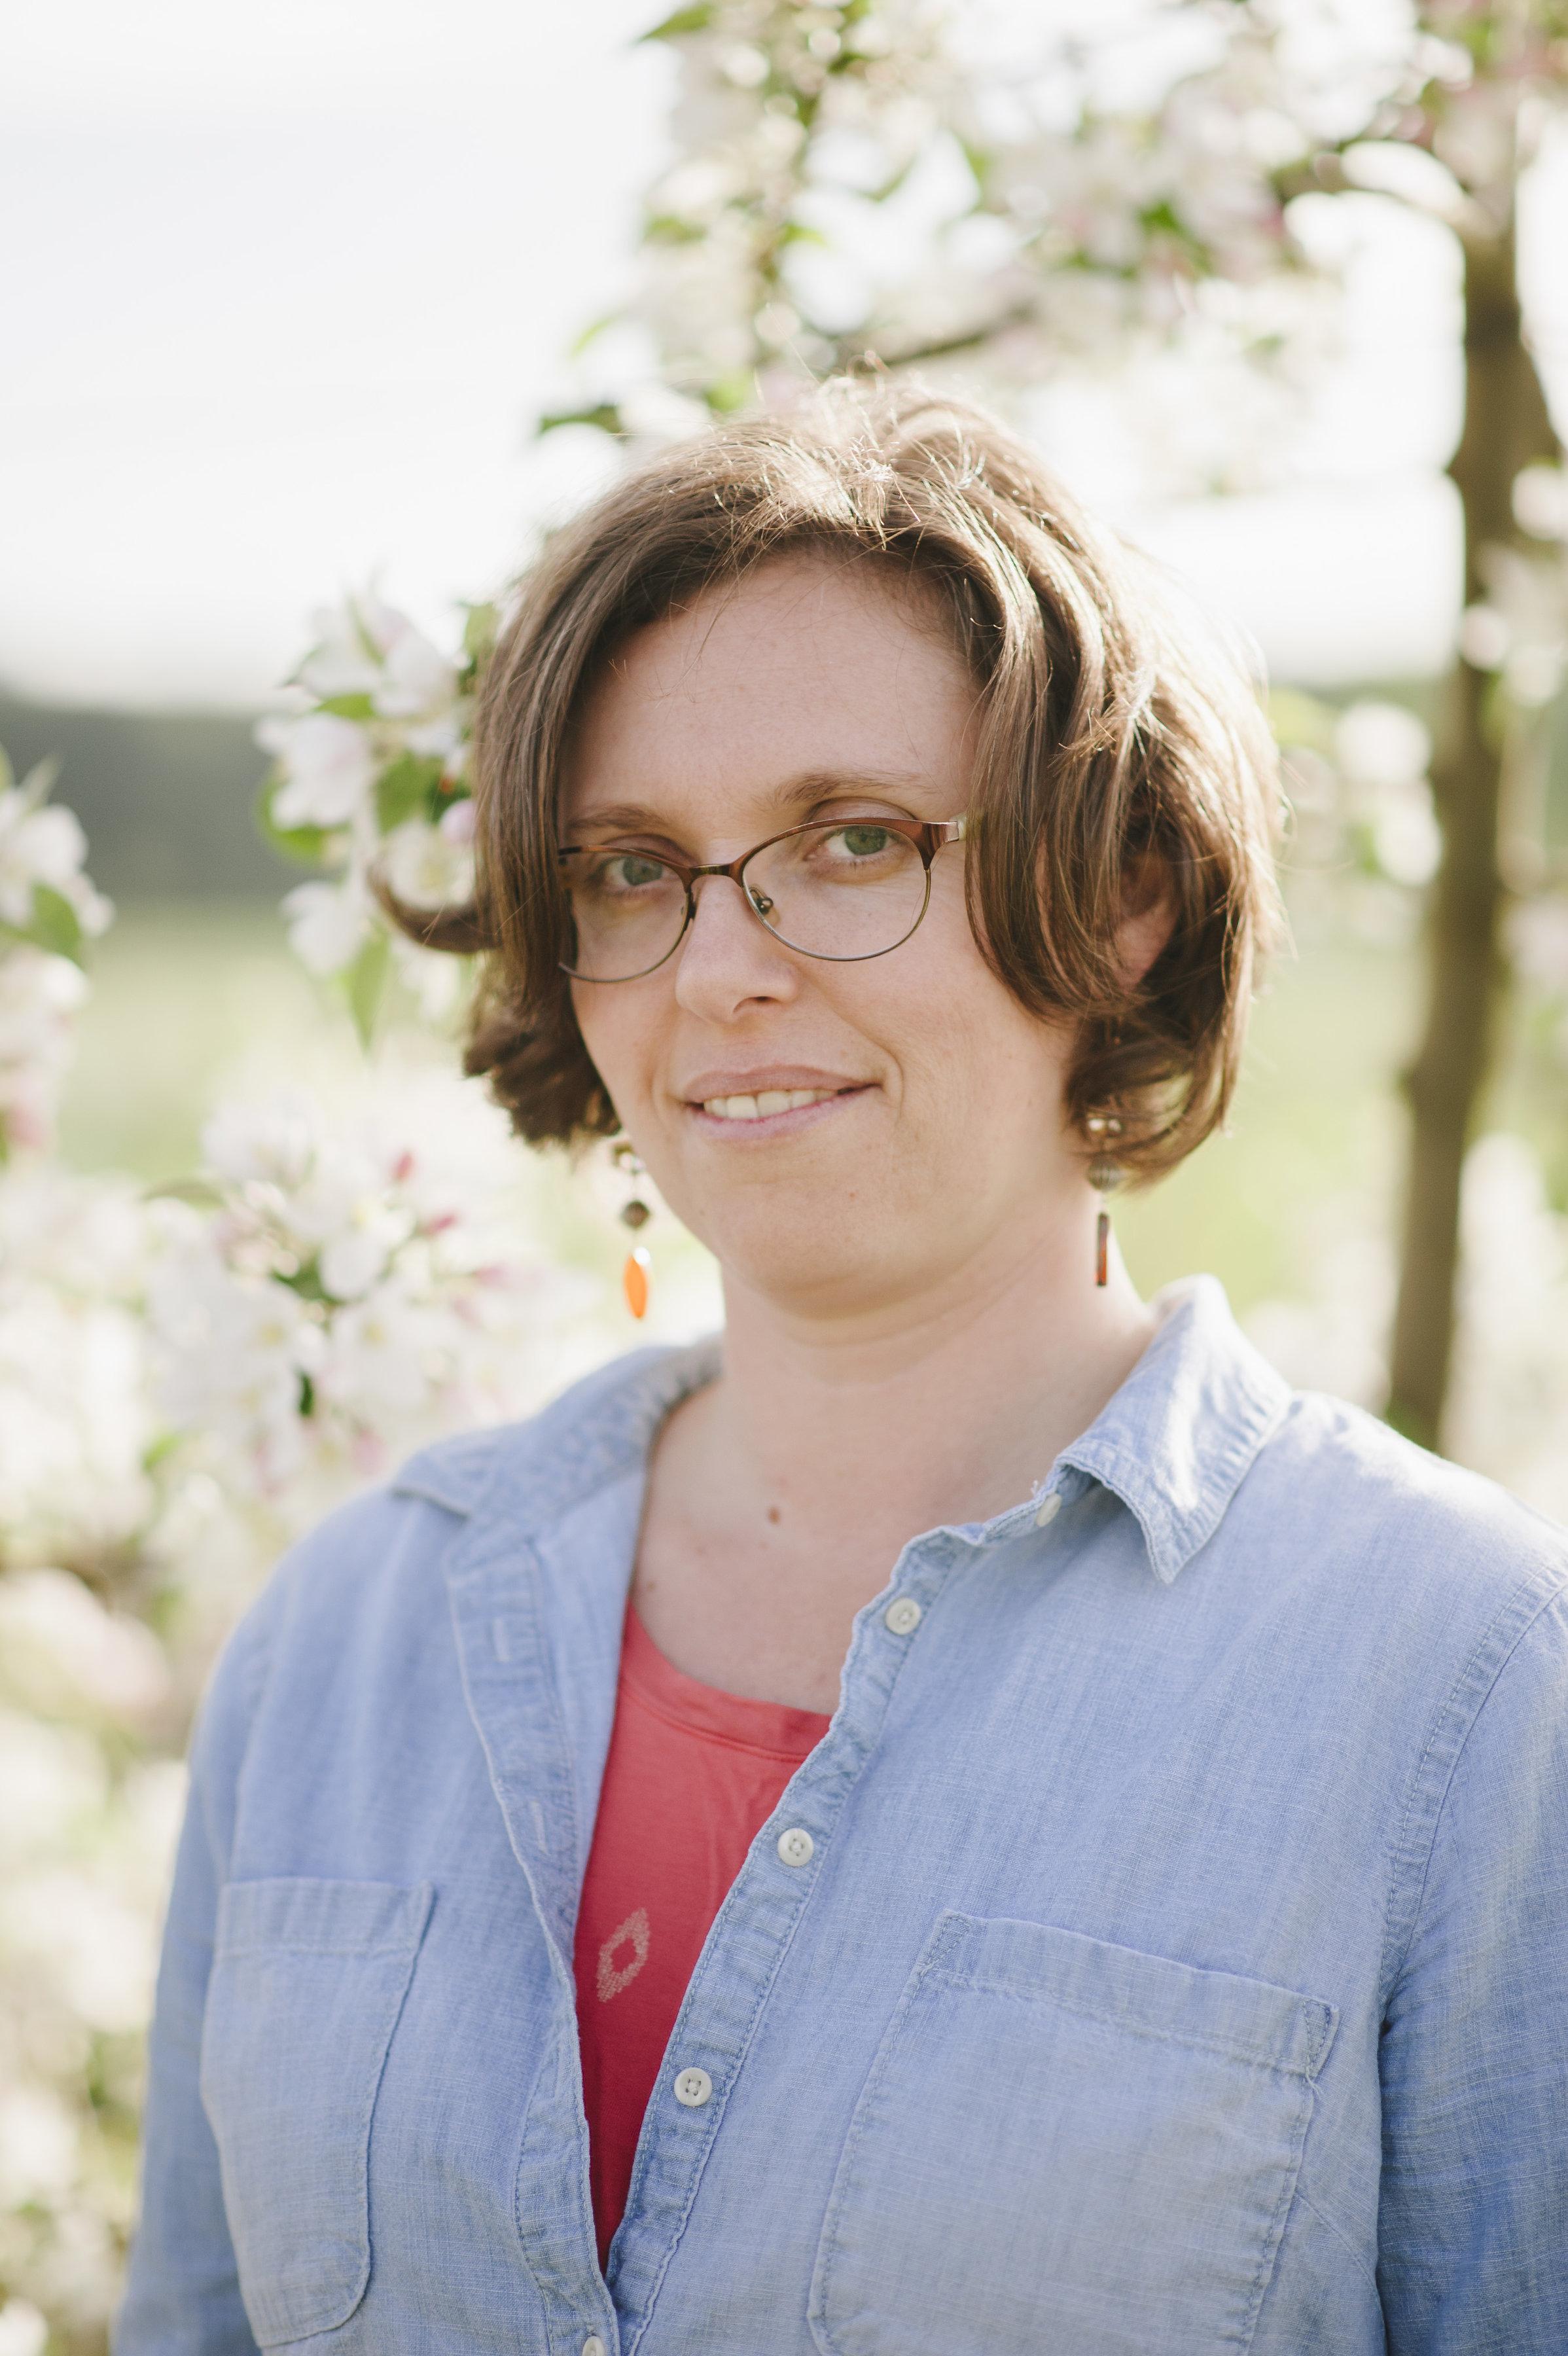 Rebekah Fessenden, Owner & Event Stylist, Seed Design Photo Credit: Jen Lee Light